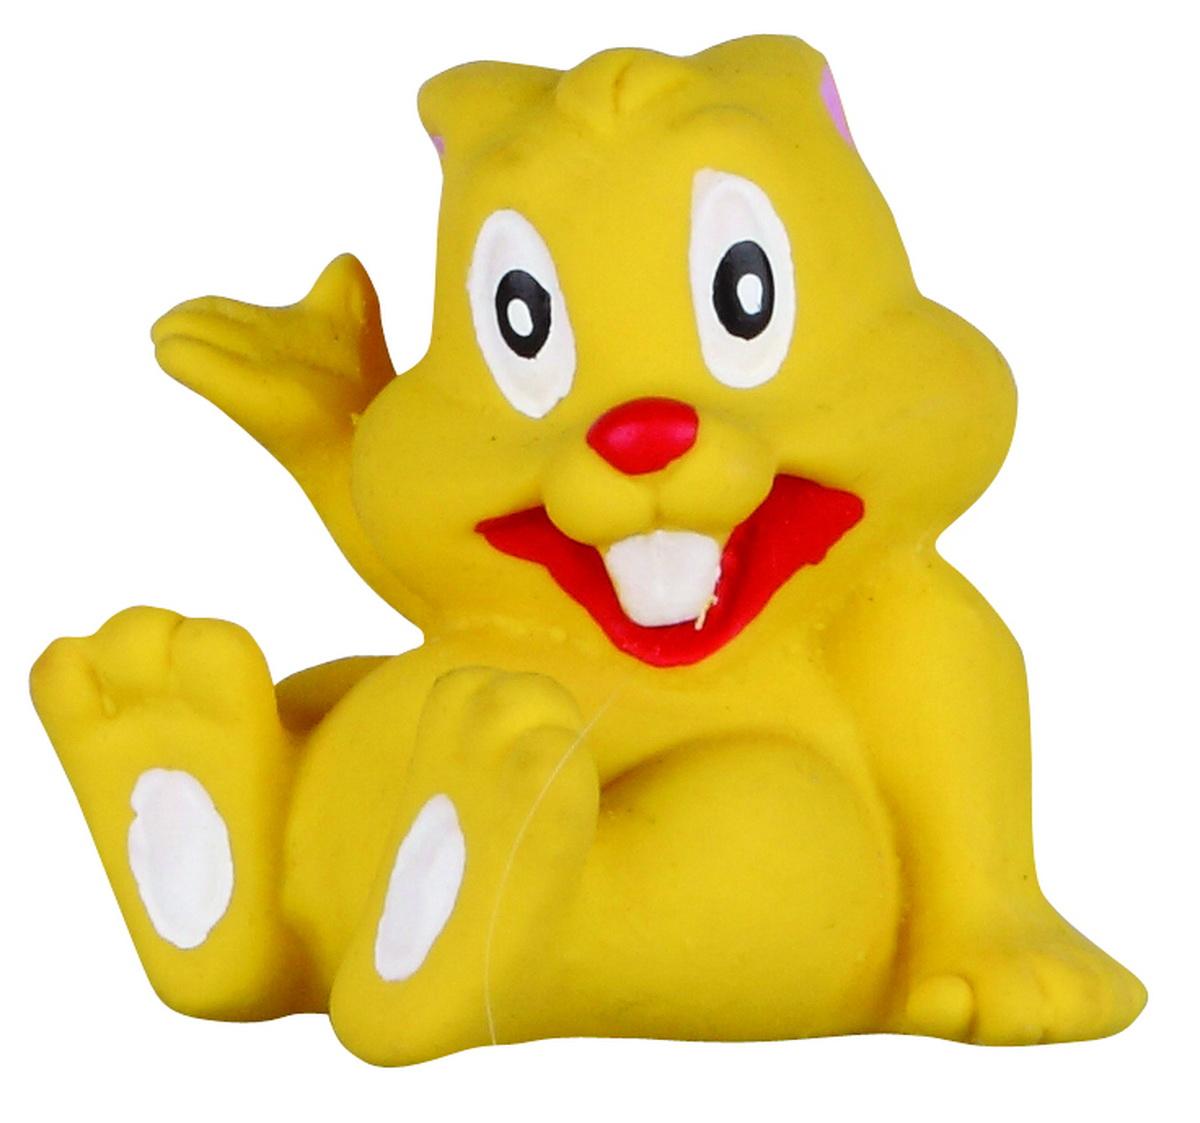 Игрушка для собак Dezzie Бурундук, высота 6 см101246Игрушка для собак Dezzie Бурундук изготовлена из латекса. Она безопасна для здоровья животного. Латекс не твердеет под действием желудочного сока, поэтому игрушку можно смело покупать даже самым маленьким щенкам.Очаровательная игрушка обеспечит досуг собаке и не позволит ей скучать. Высота игрушки: 6 см.